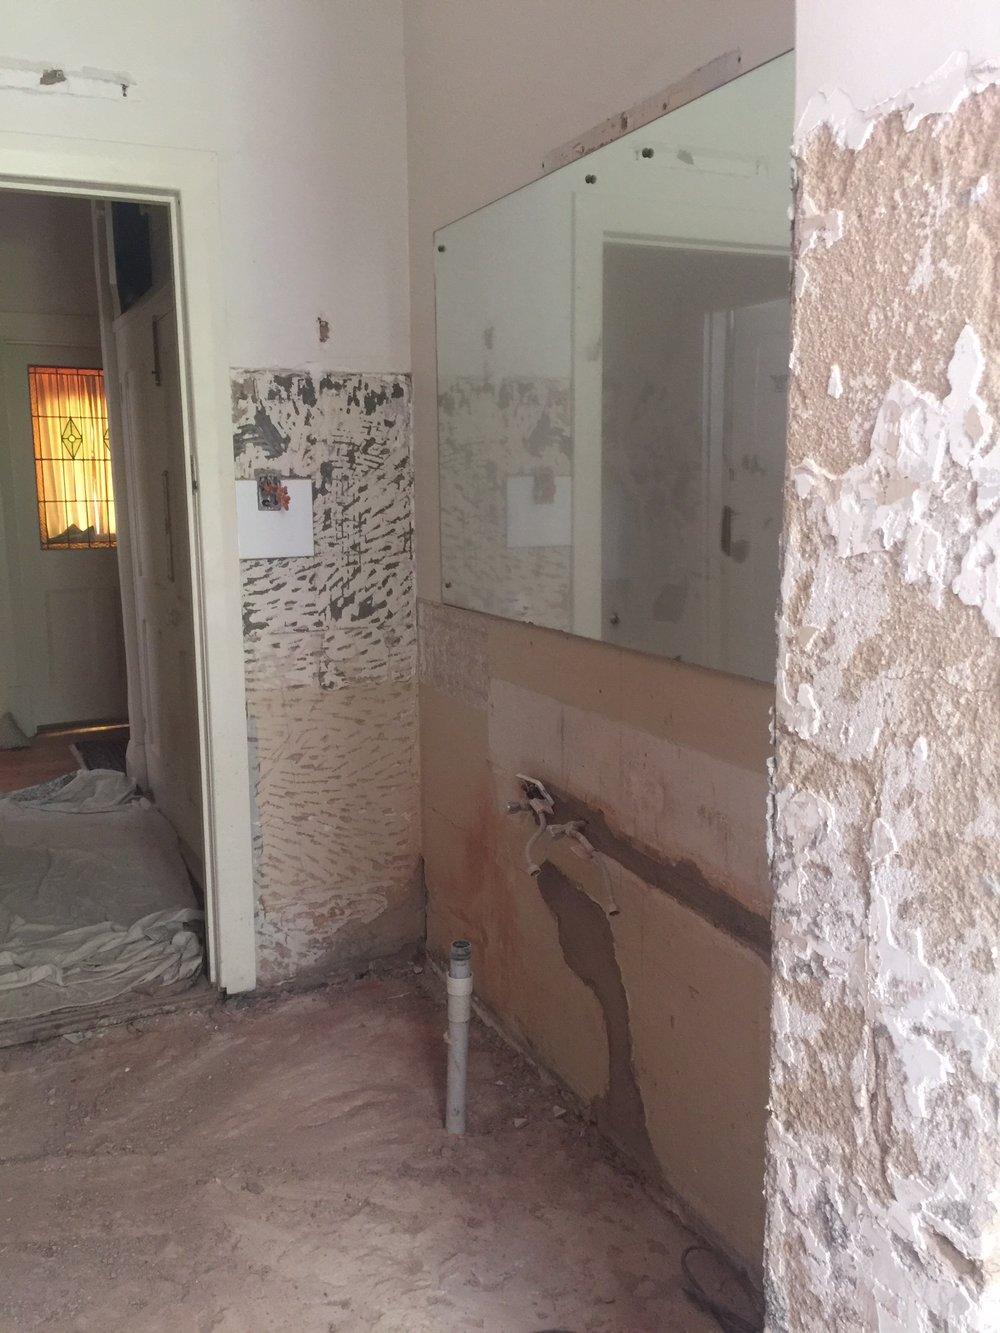 First fix plumbing!